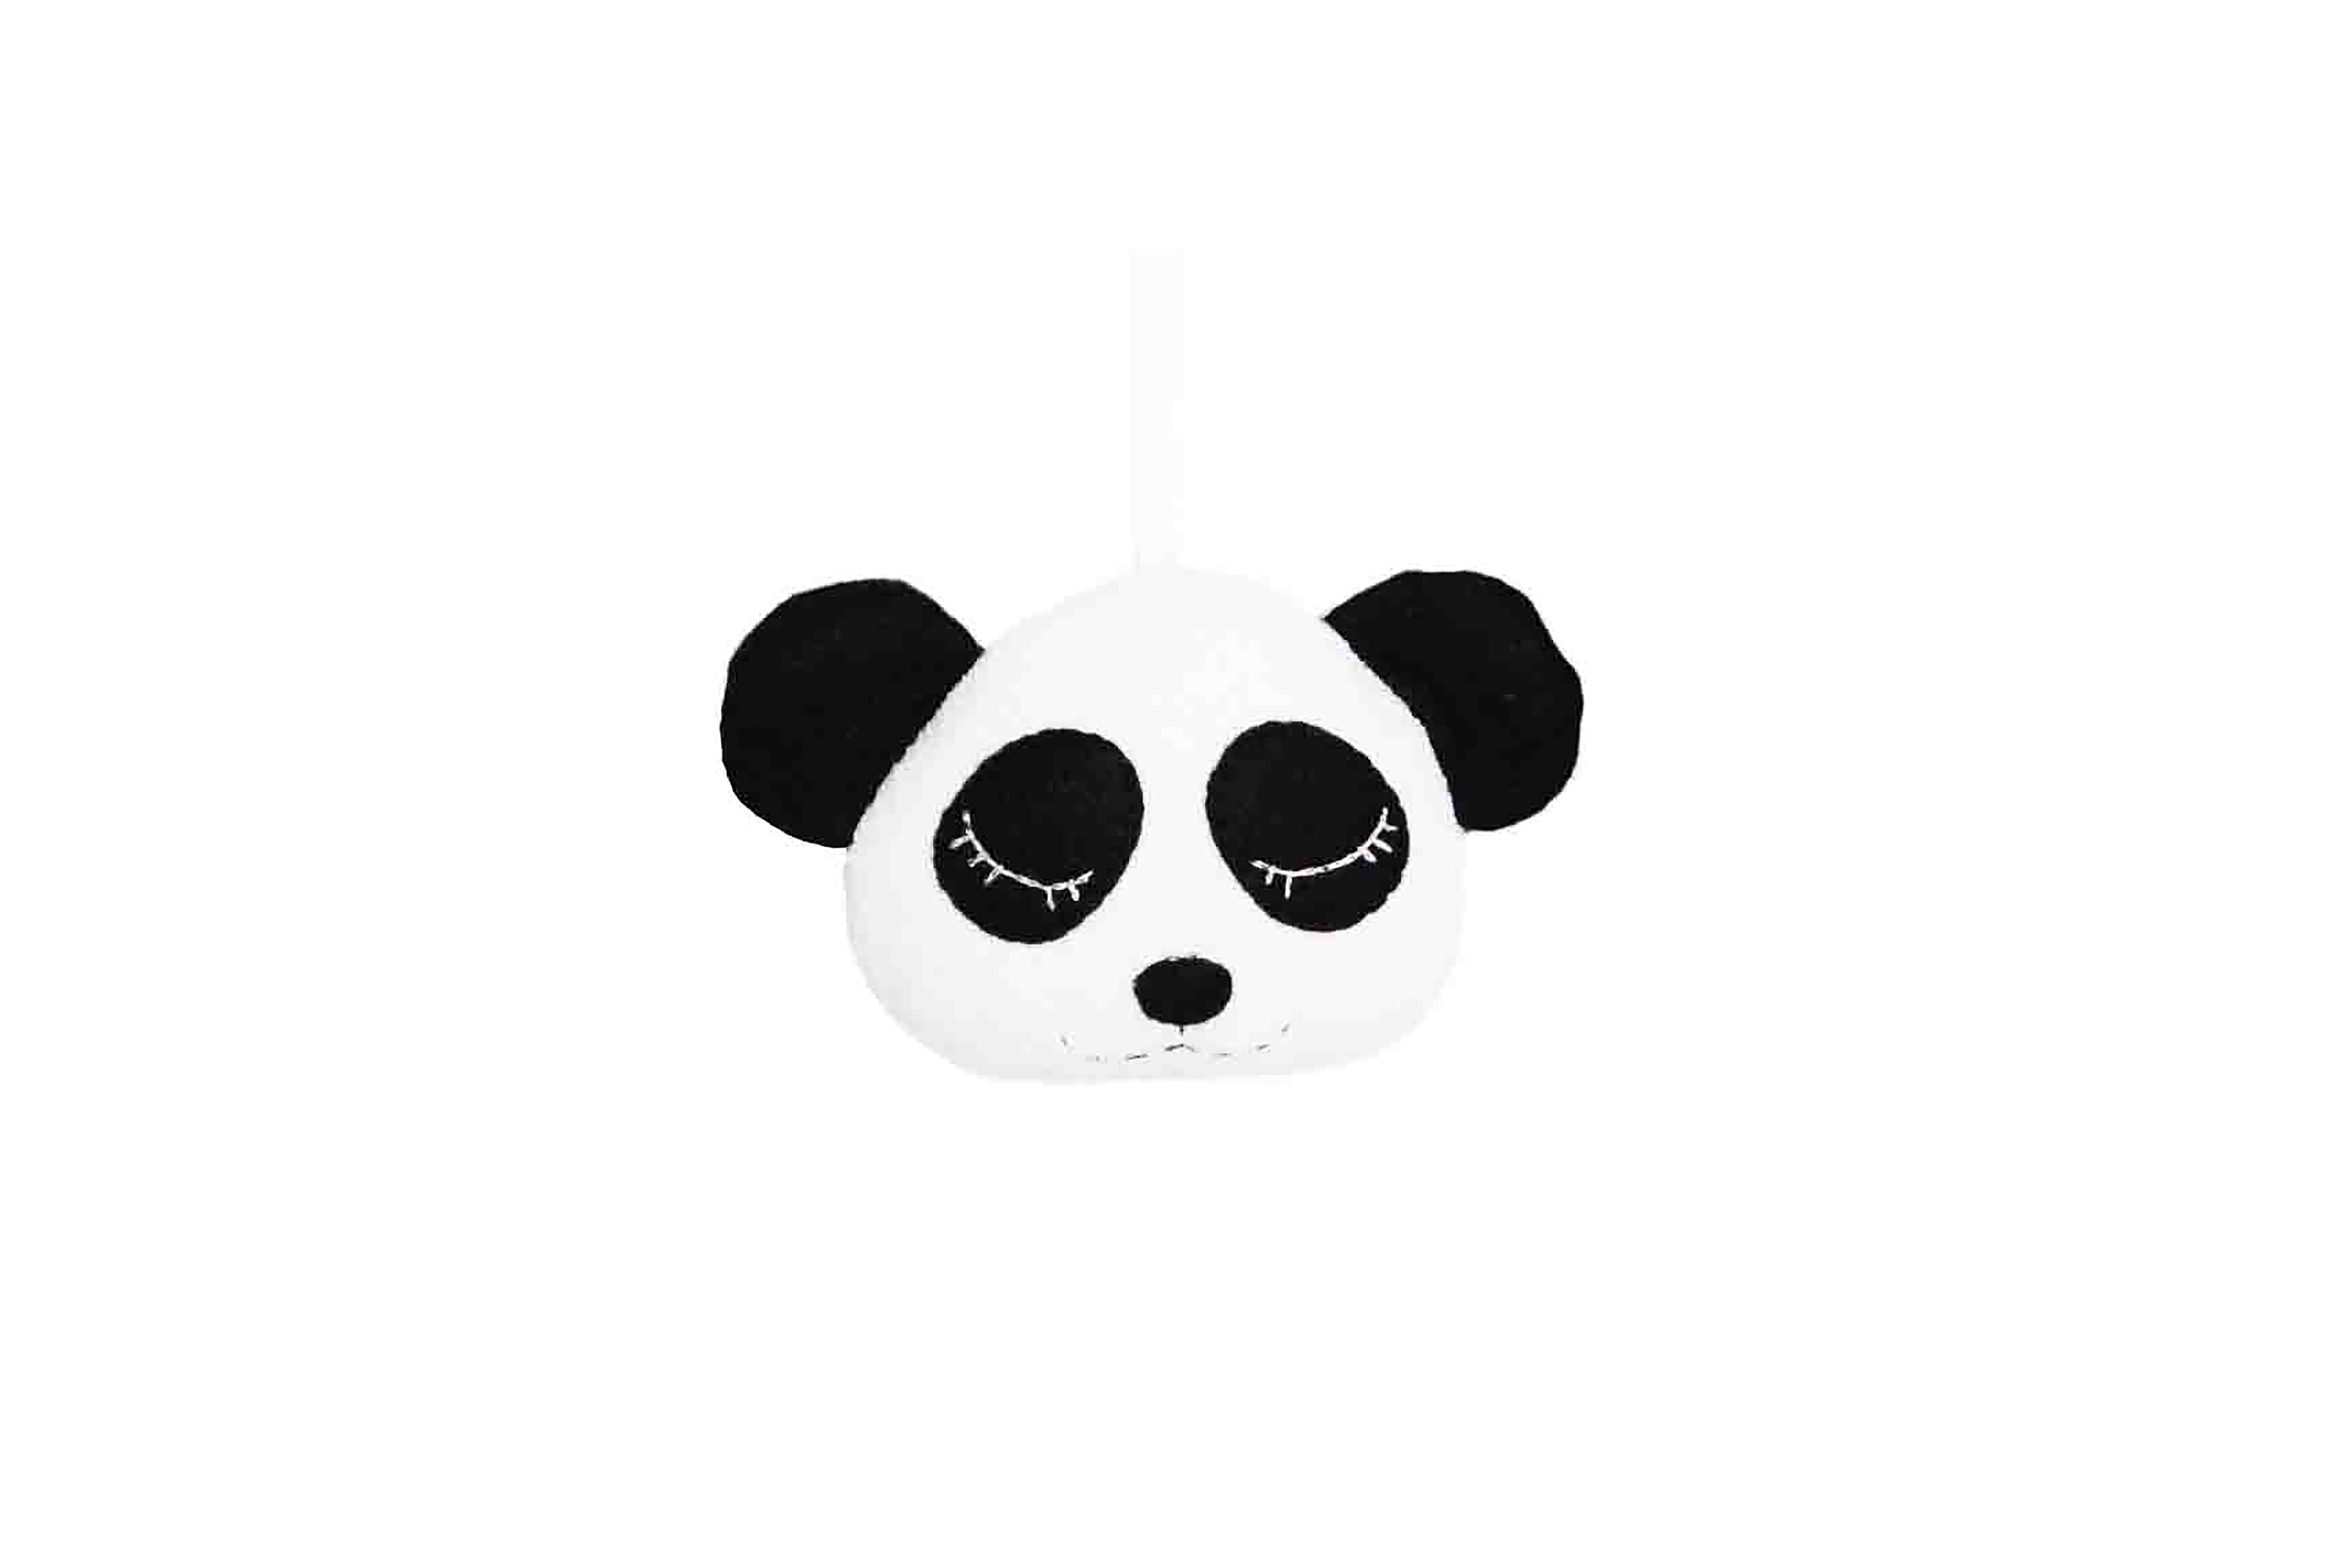 http://fabsworld.nl/wp-content/uploads/2017/04/maneschijn-kasthanger-panda-WEB.jpg